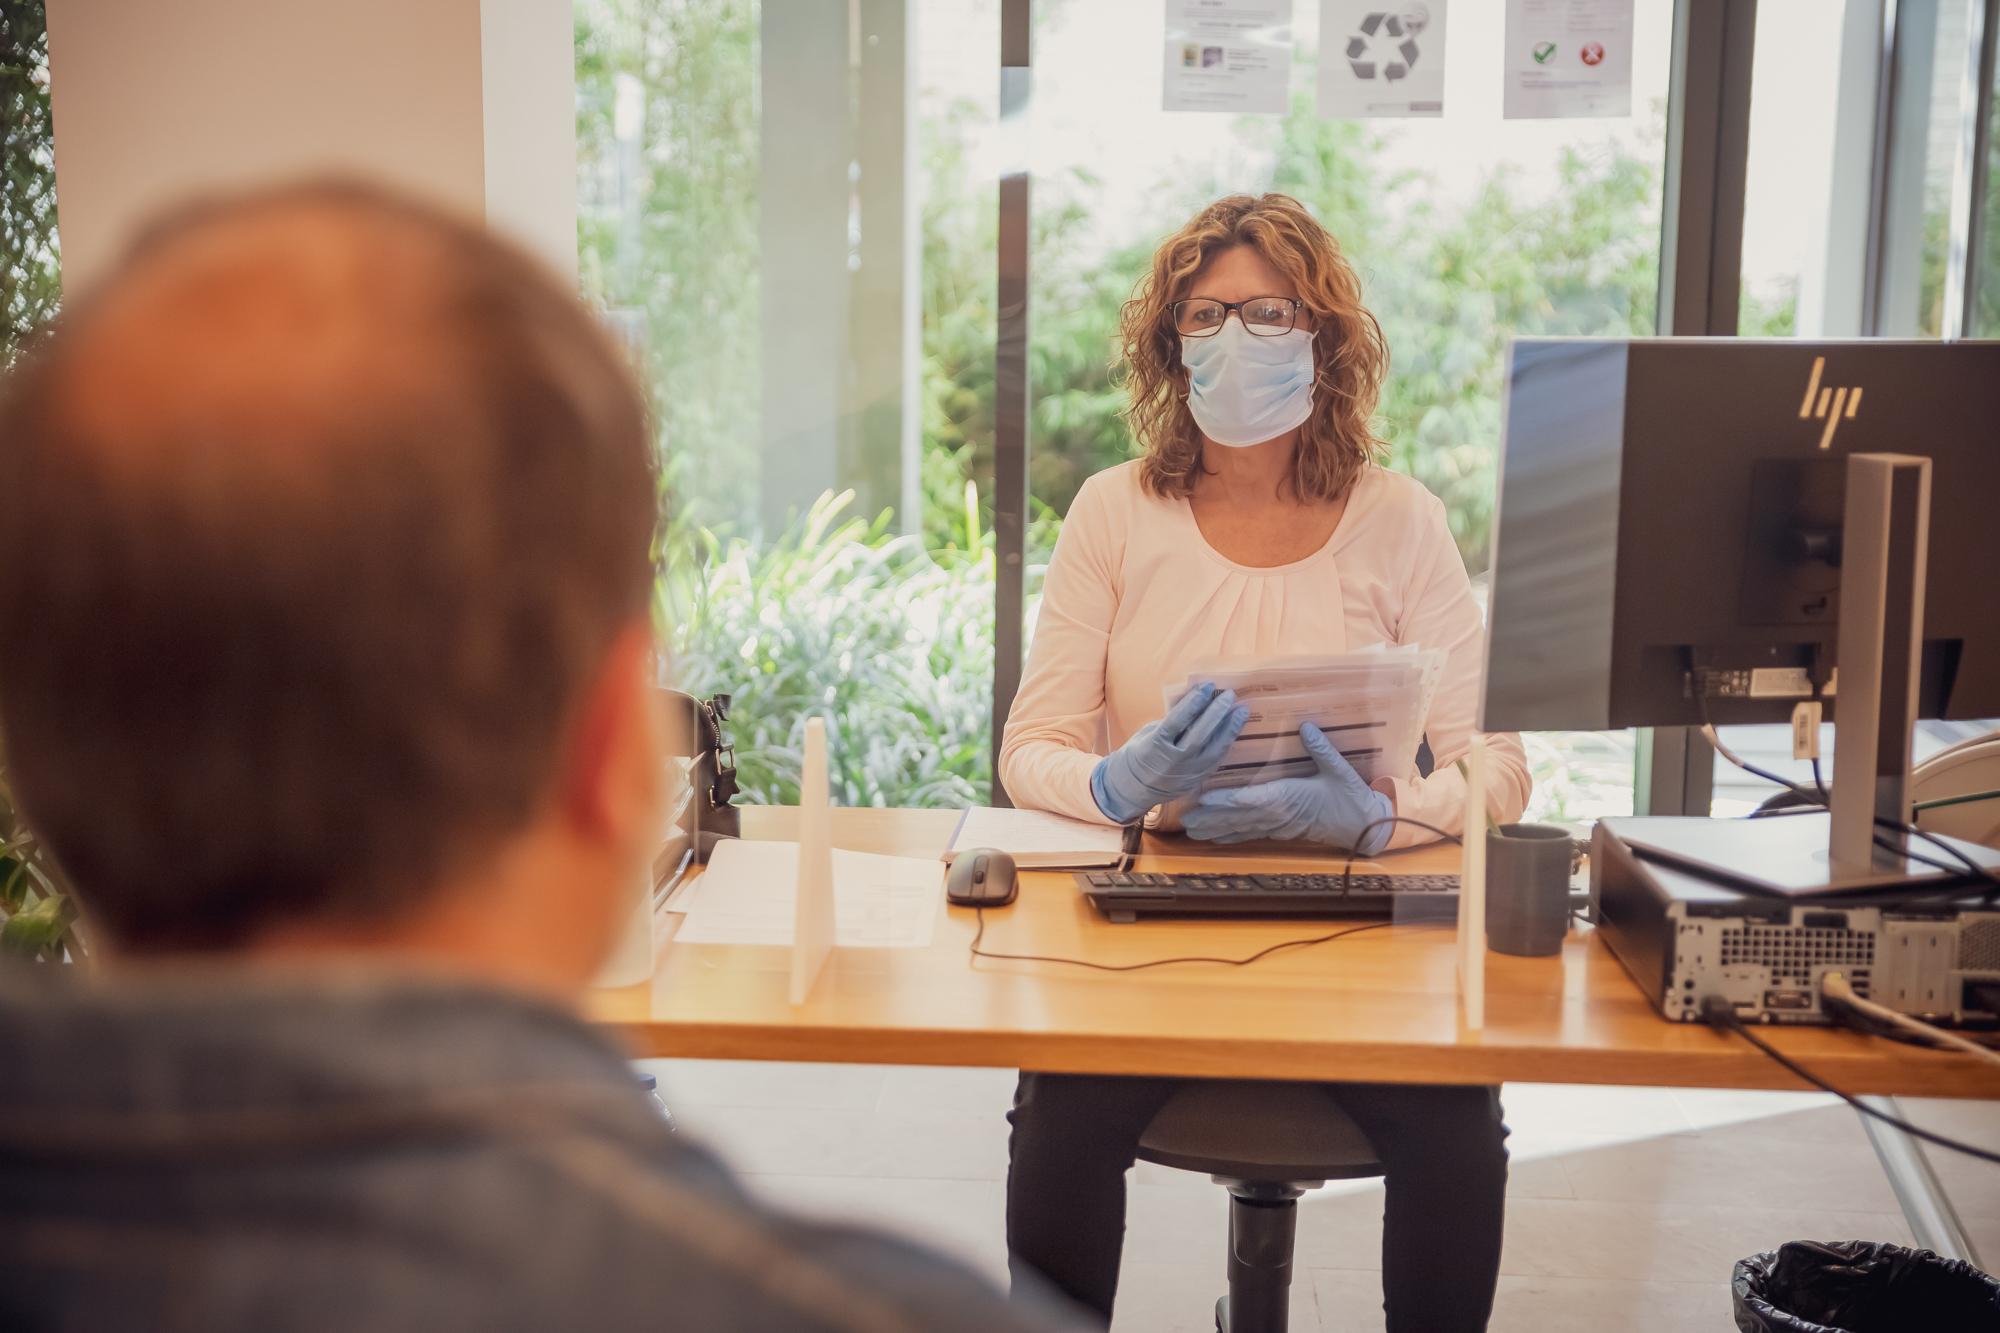 La nueva oficina garantiza atención personalizada a los más vulnerables.